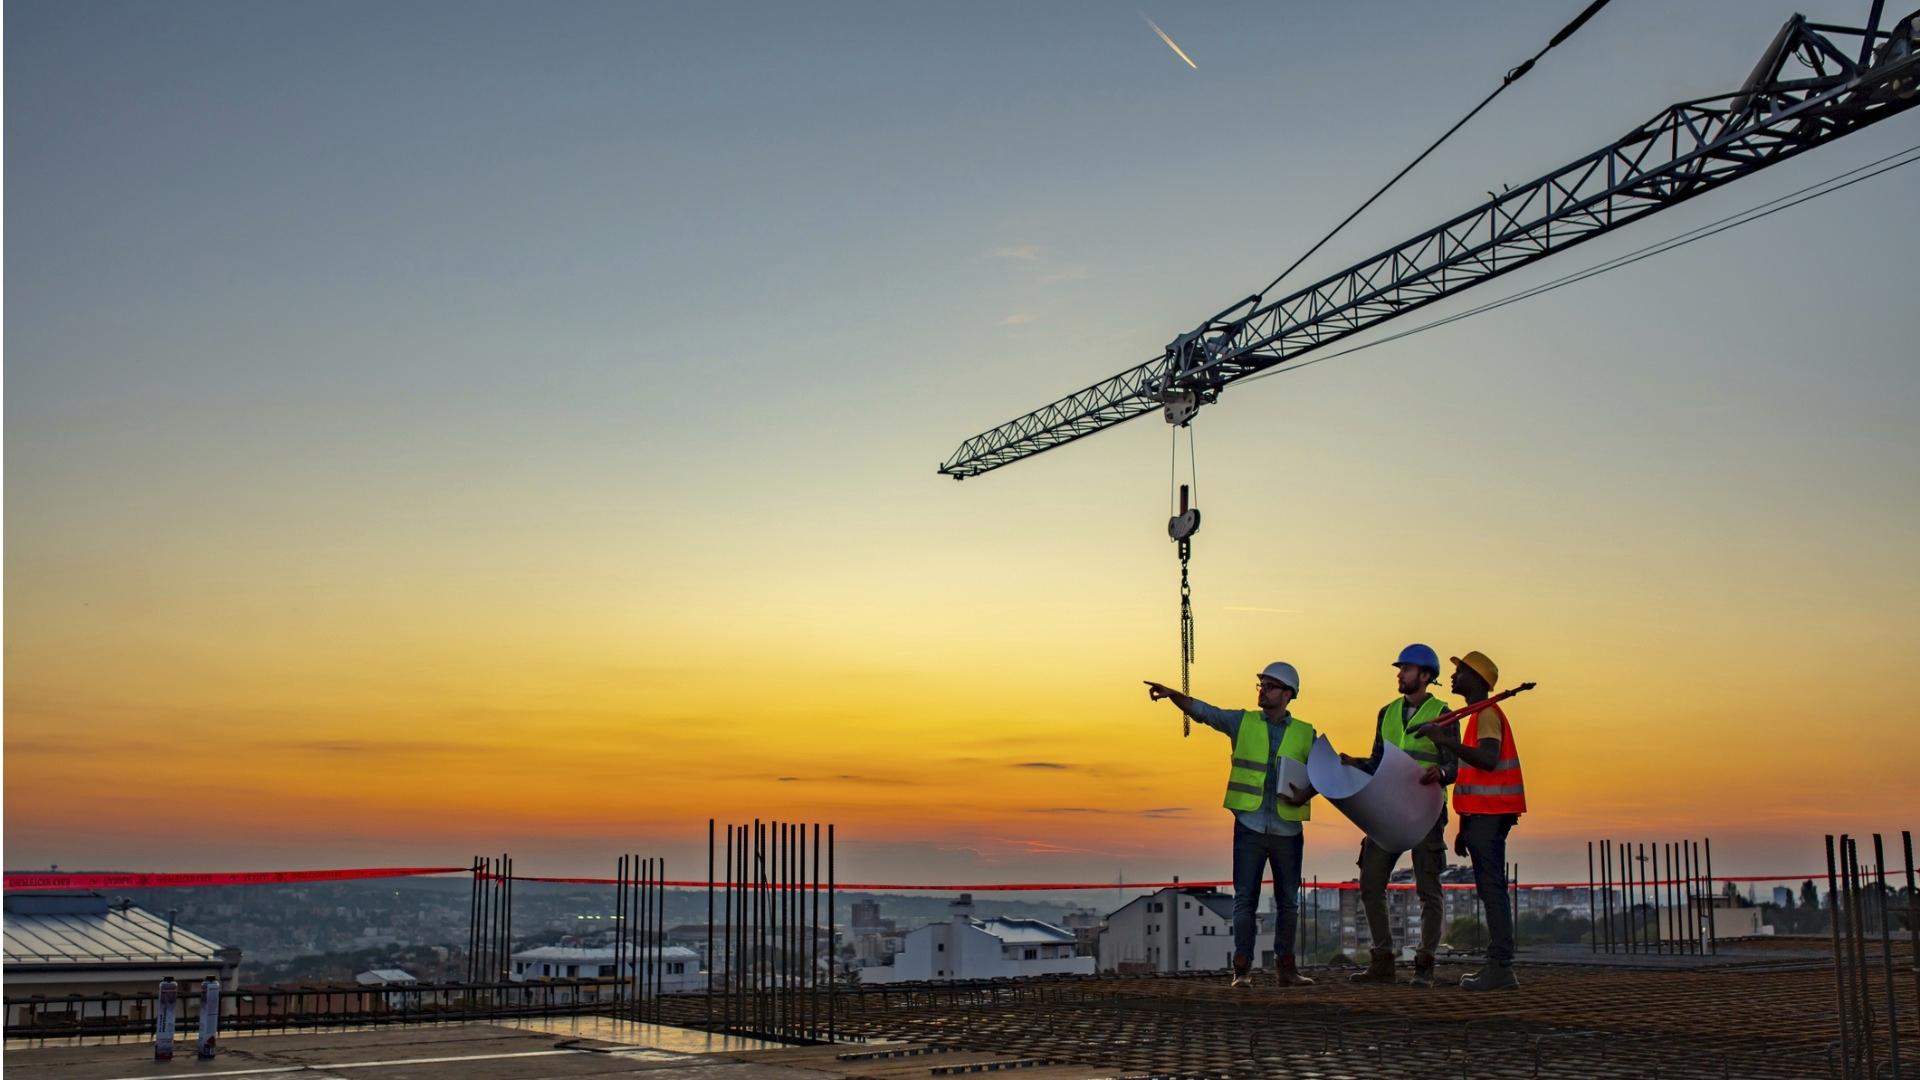 THL:n asiantuntijaryhmän mukaan terveyshaittoja tulisi edelleen ennaltaehkäistä hyvällä rakennussuunnittelulla ja rakentamisella.